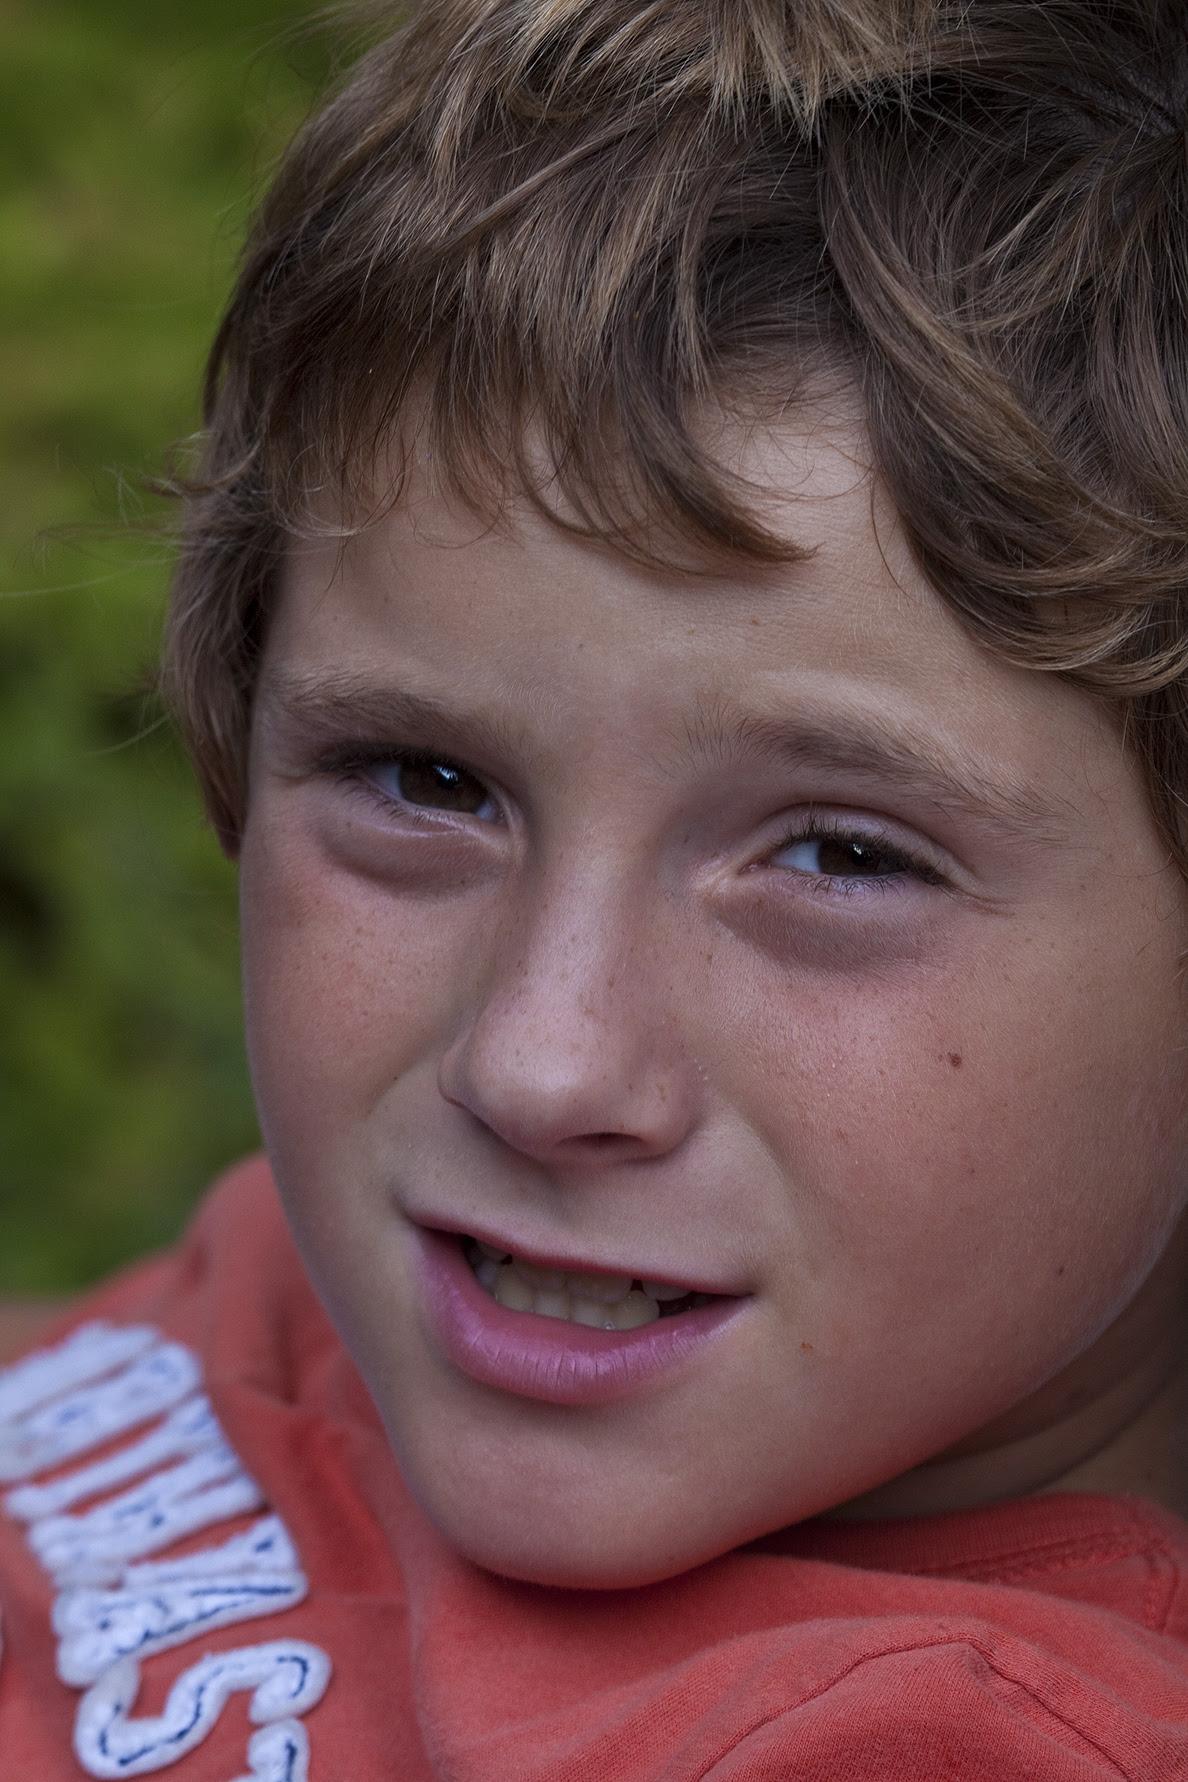 alex b close up